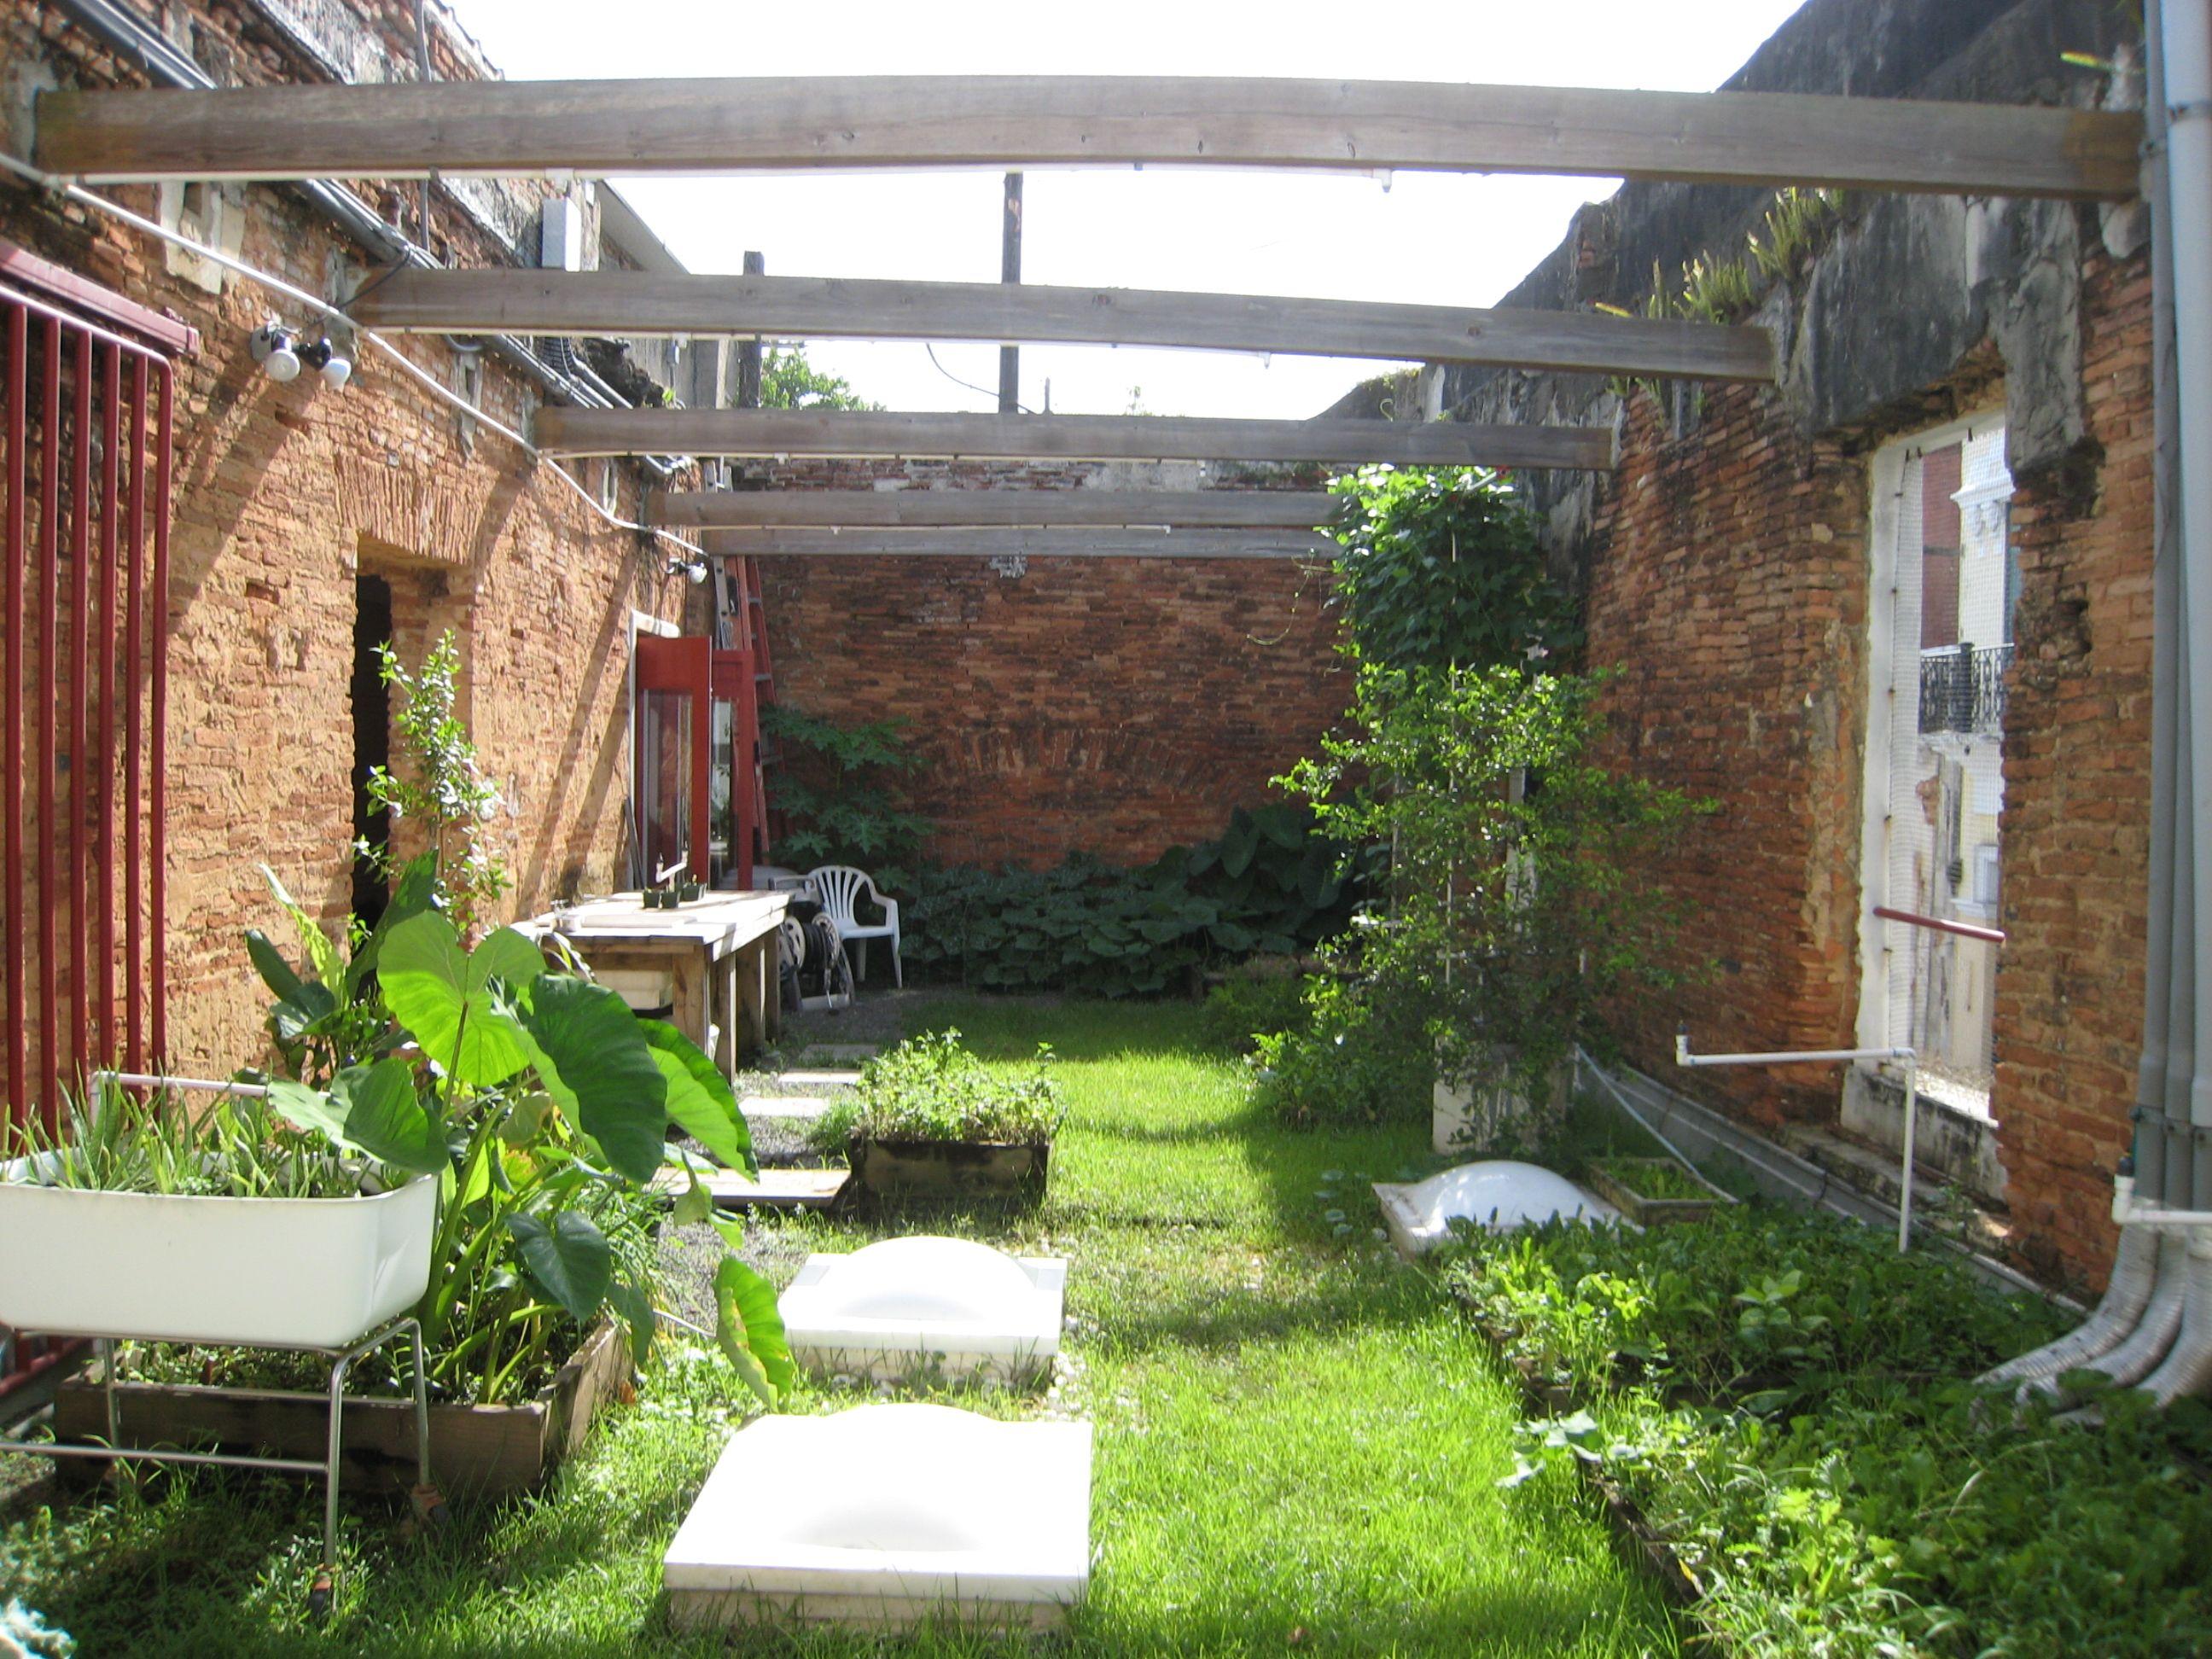 Rooftop Garden on an Historic Home in Old San Juan, Puerto